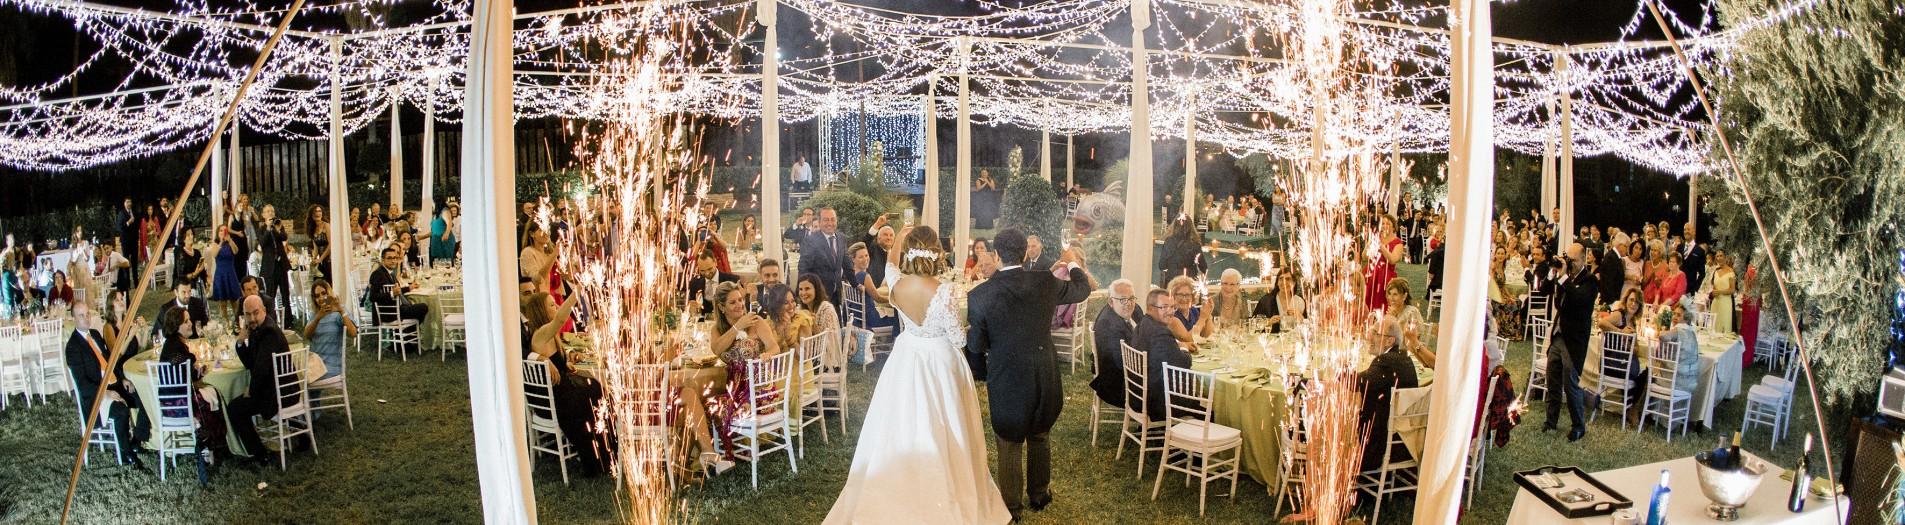 Boda en la Finca Buenavista + 2 Estrellas Michelín + Victoria y Raúl + Fotógrafos de bodas en Murcia.